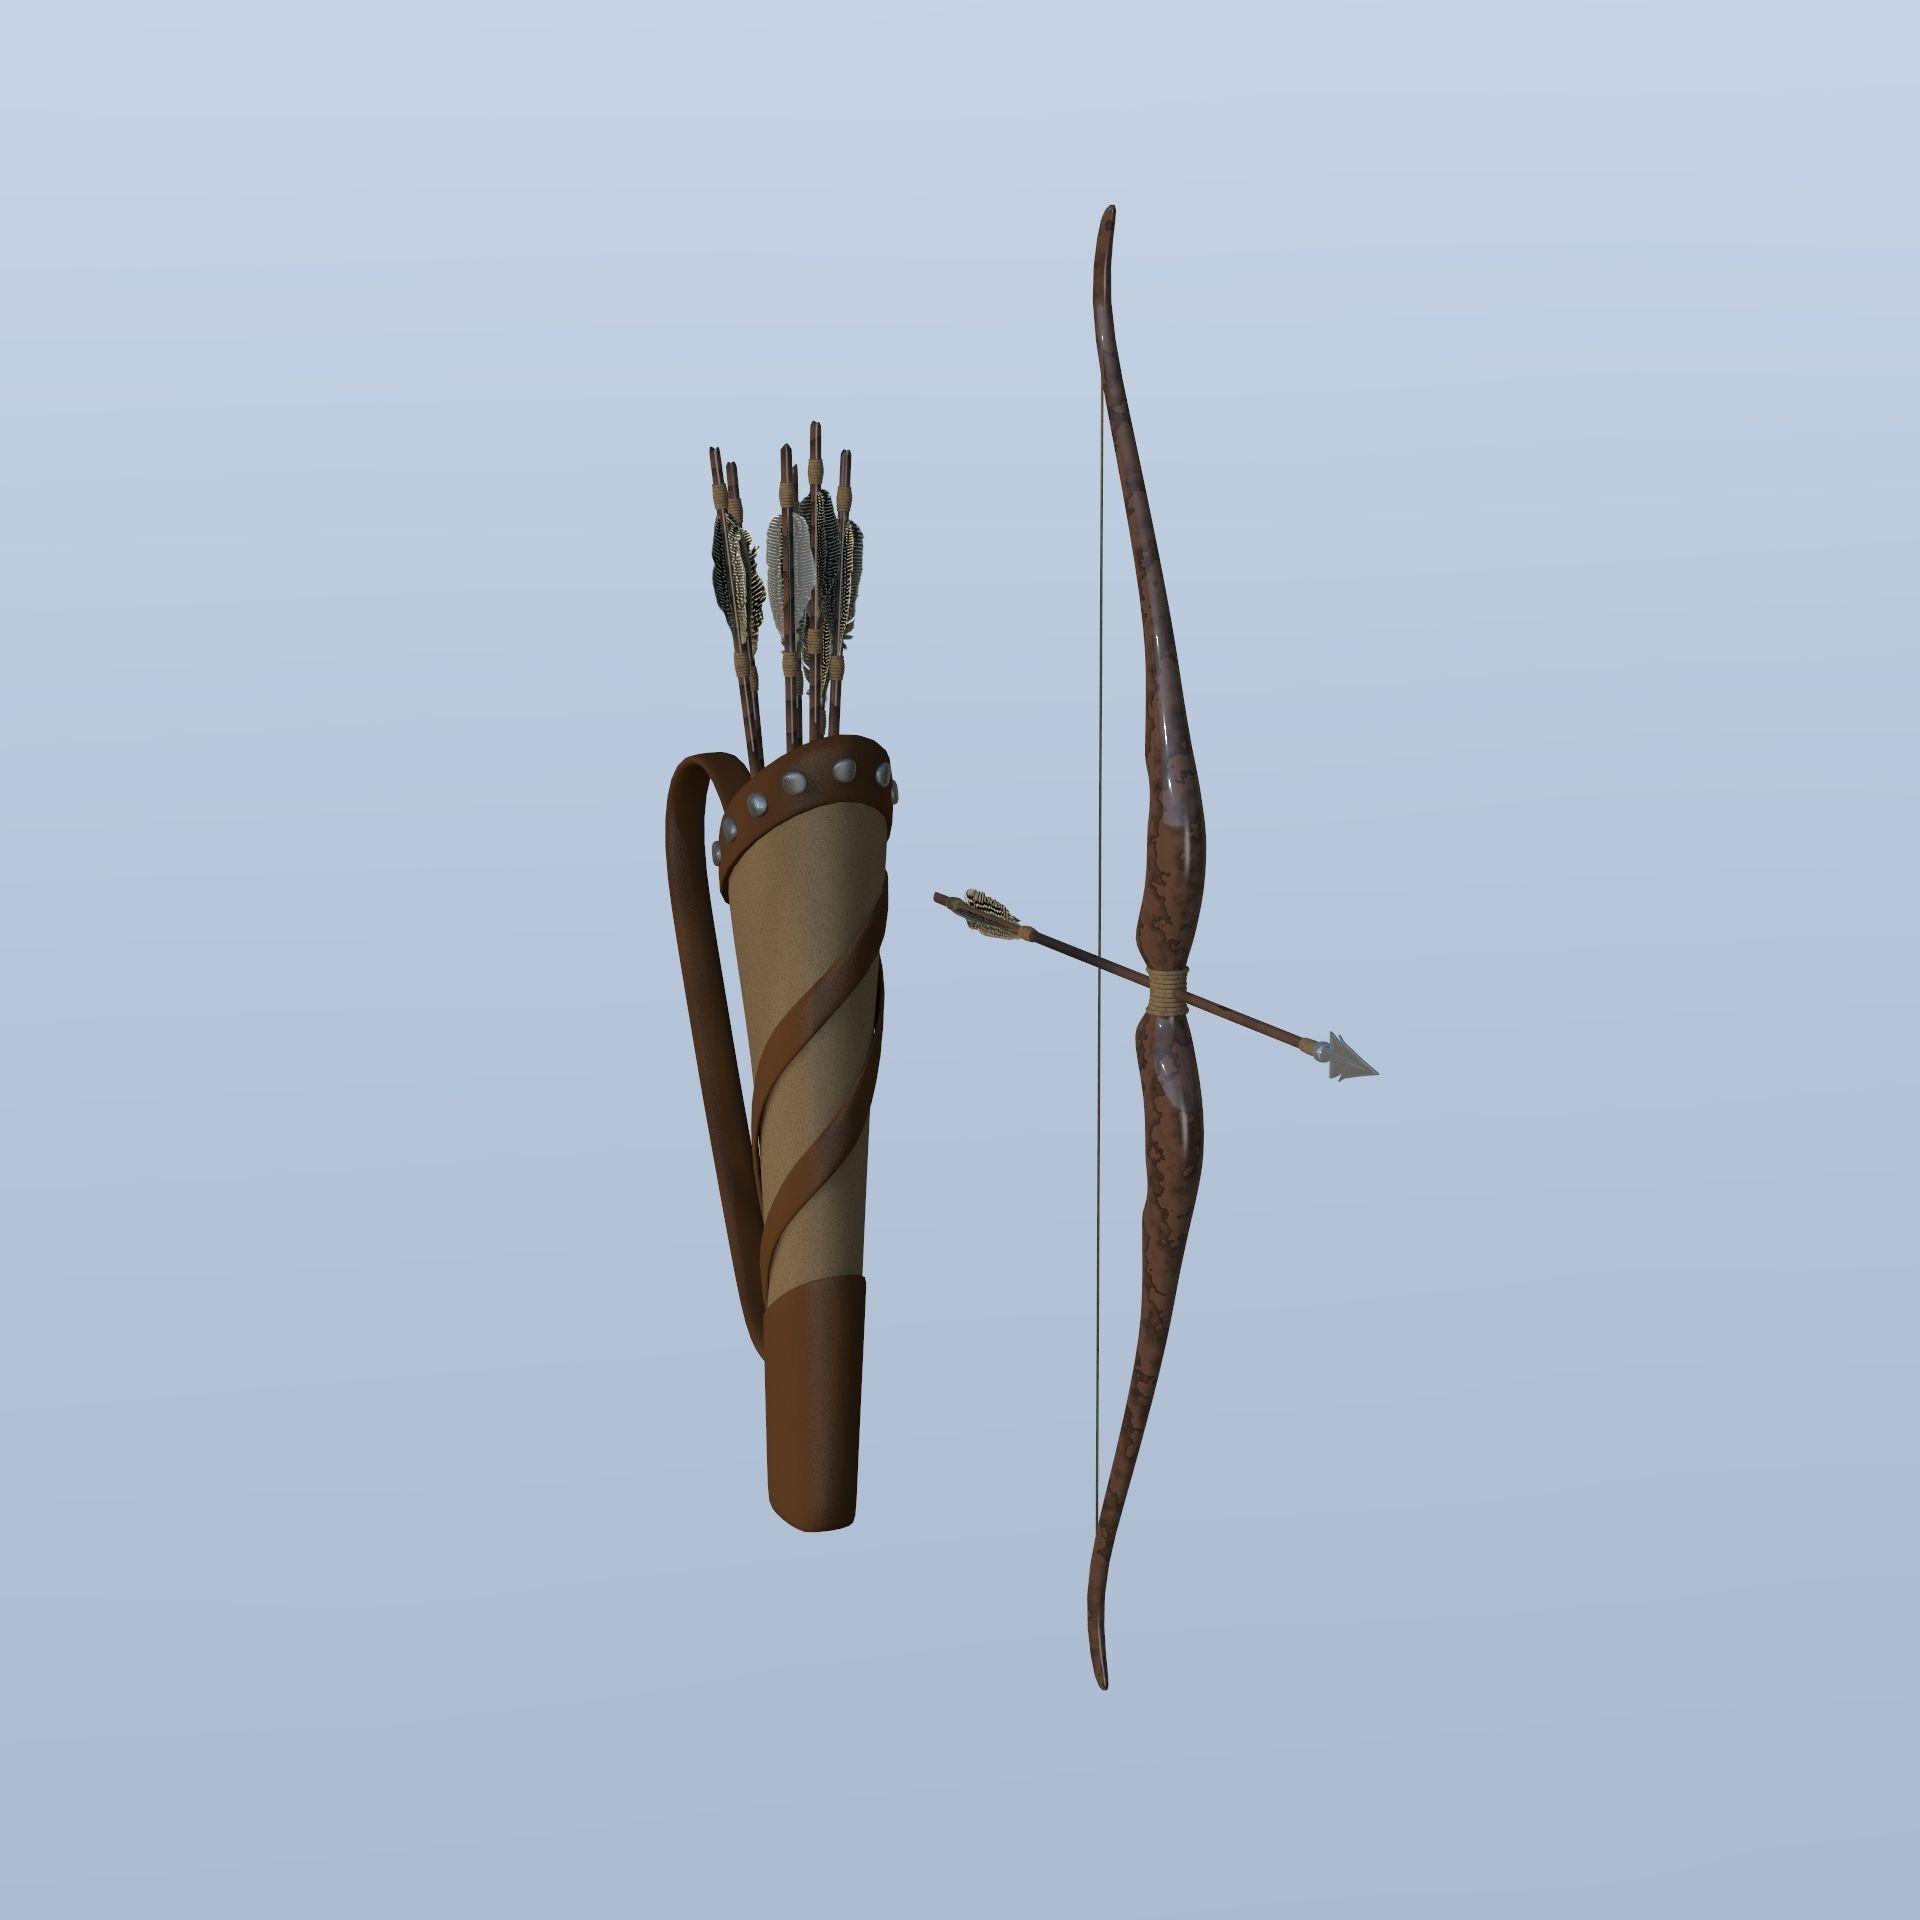 Simple bow and arrow